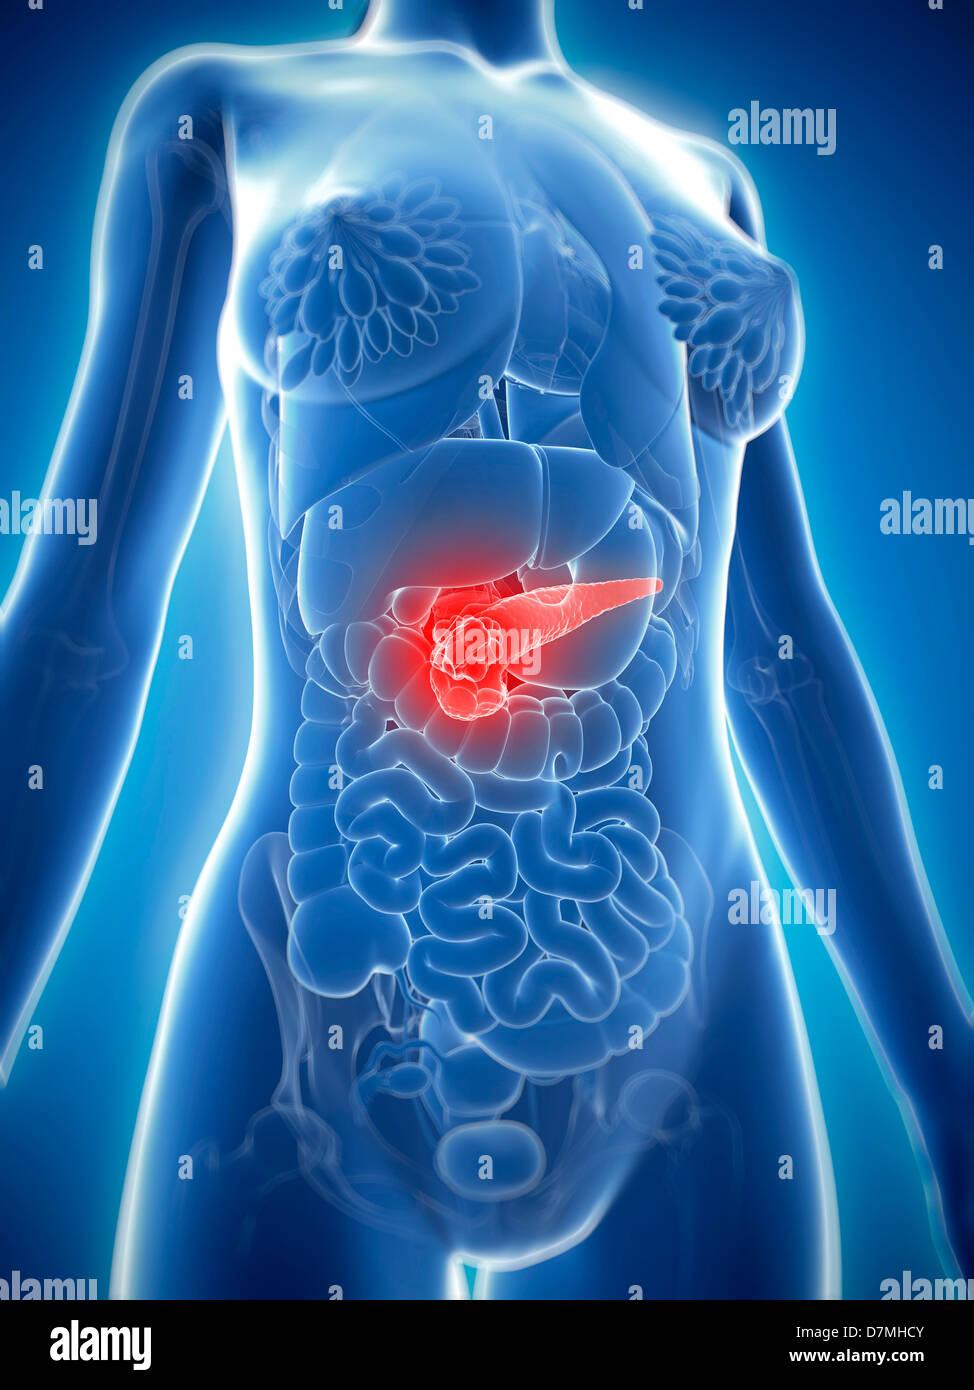 Pancreas Cancer Stock Photos & Pancreas Cancer Stock Images - Alamy